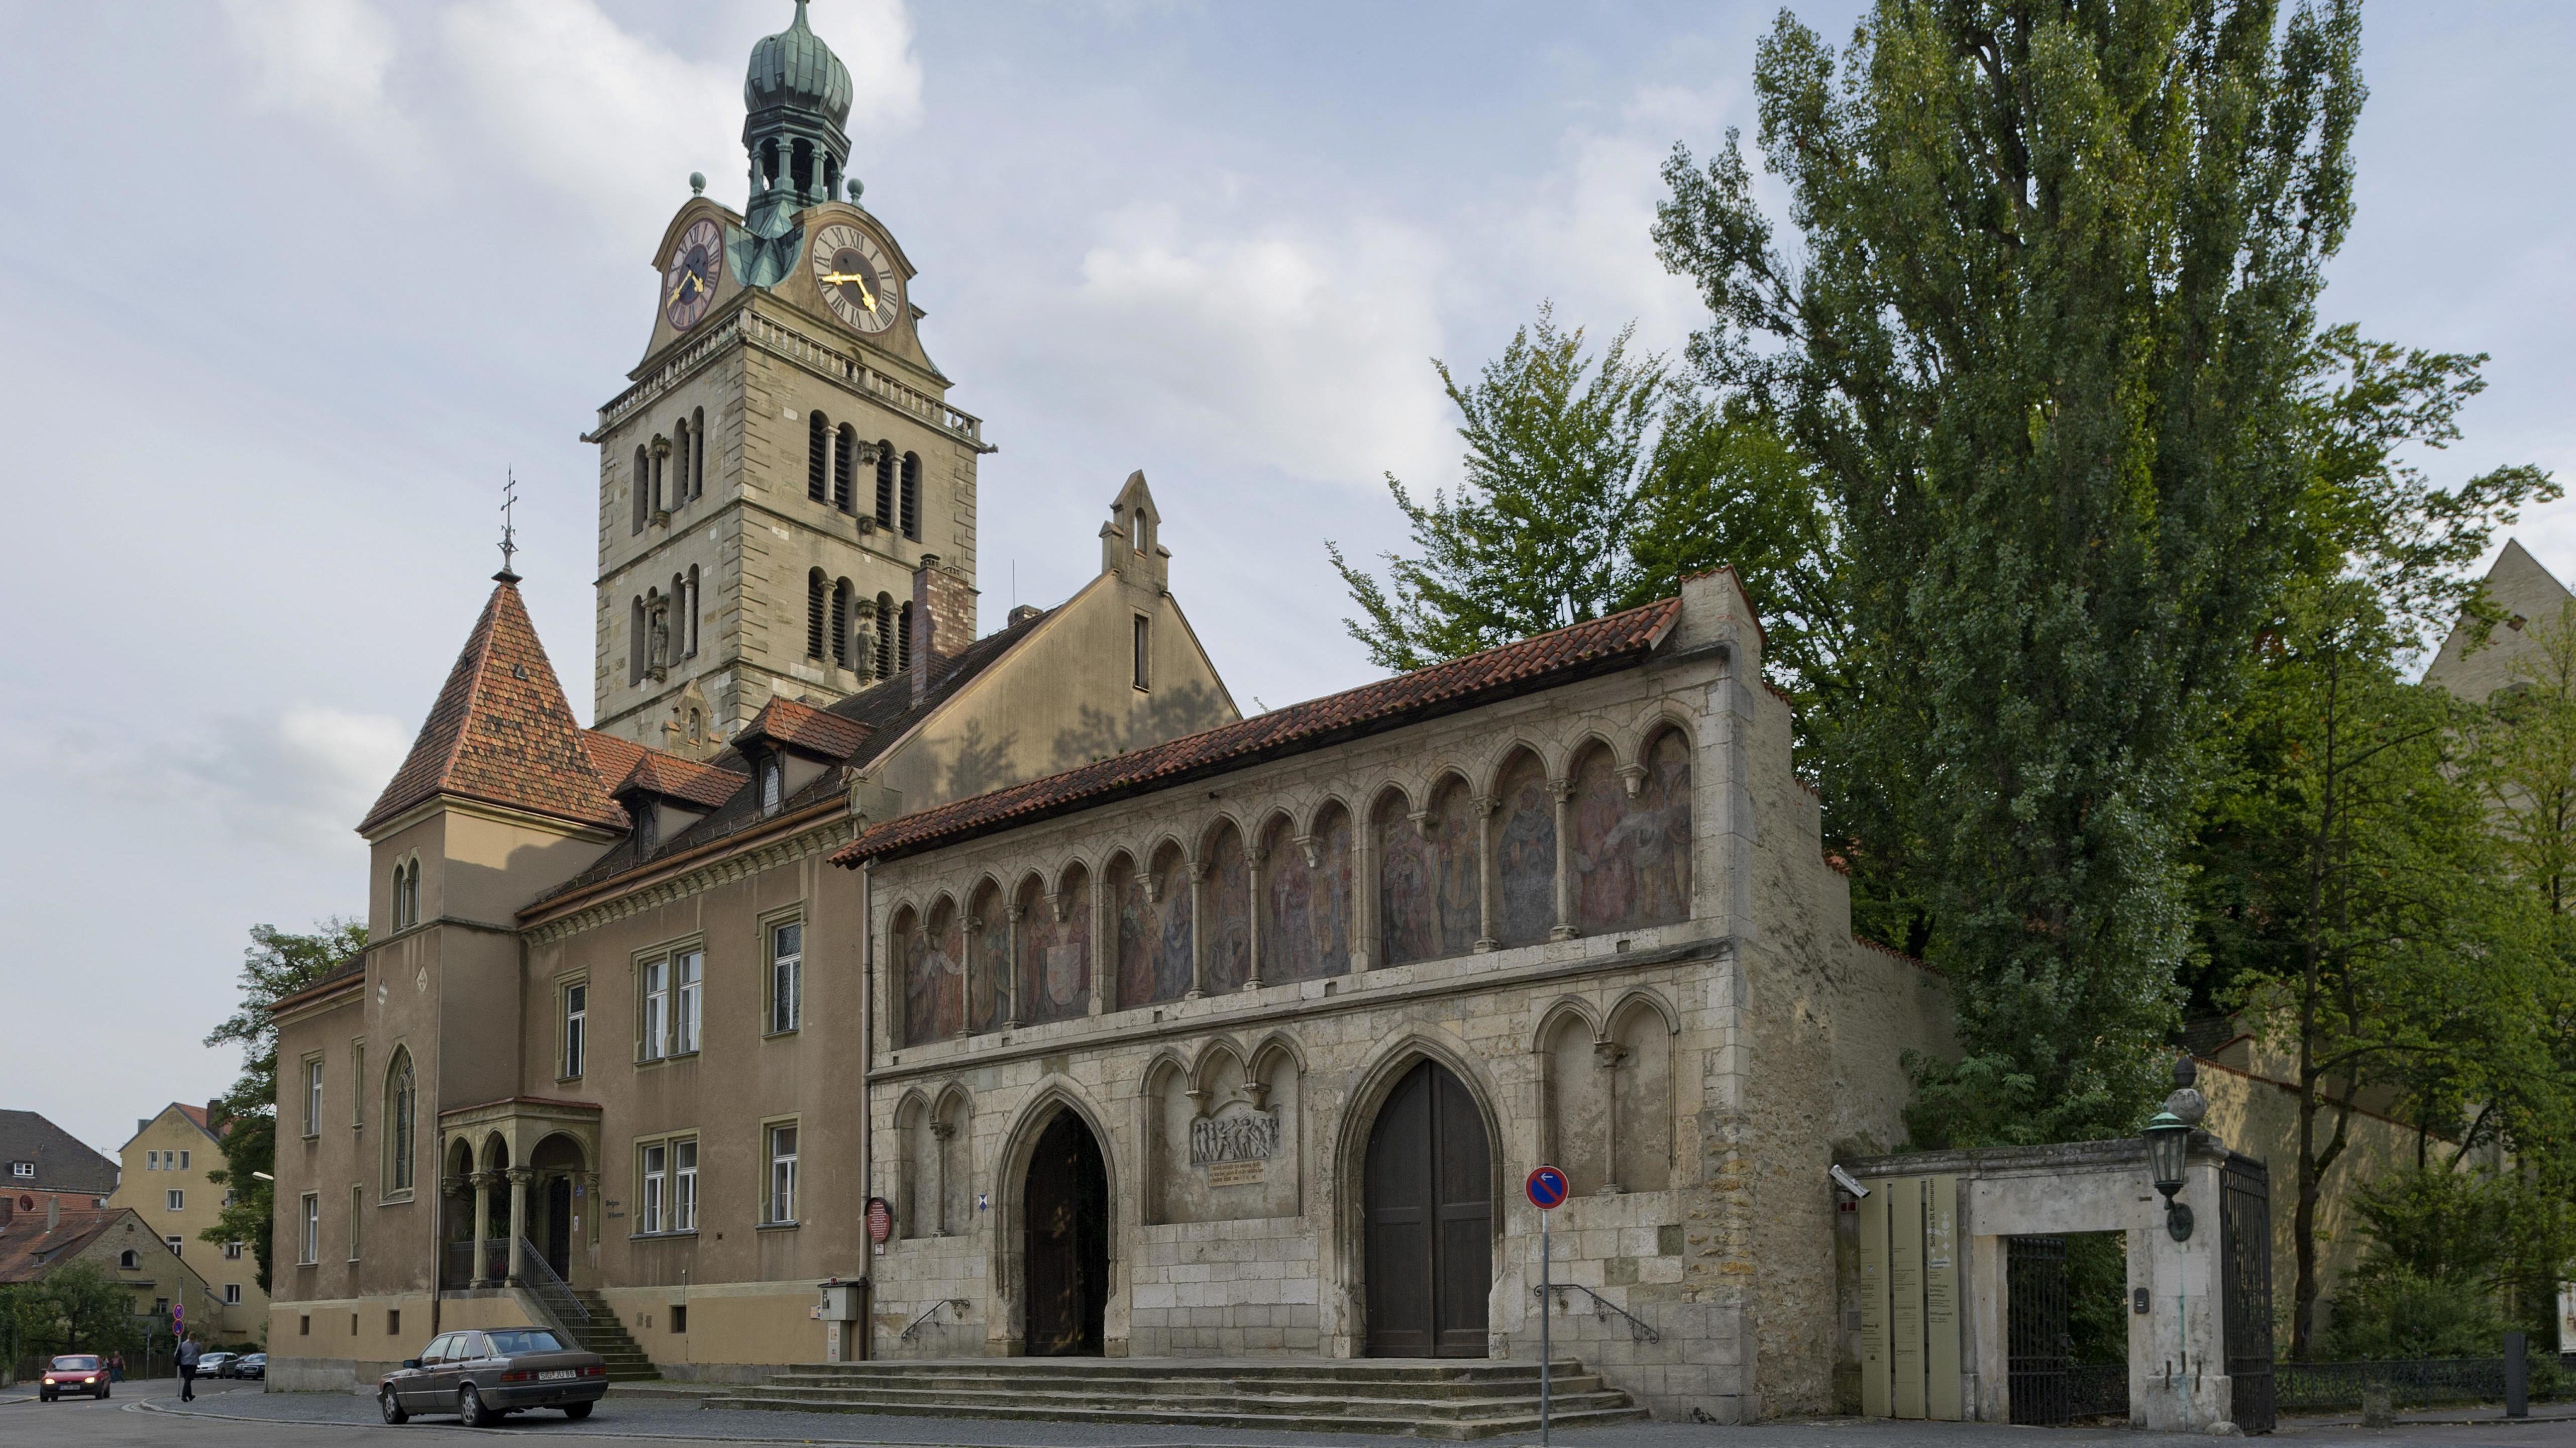 Die Basilika St. Emmeram in Regensburg